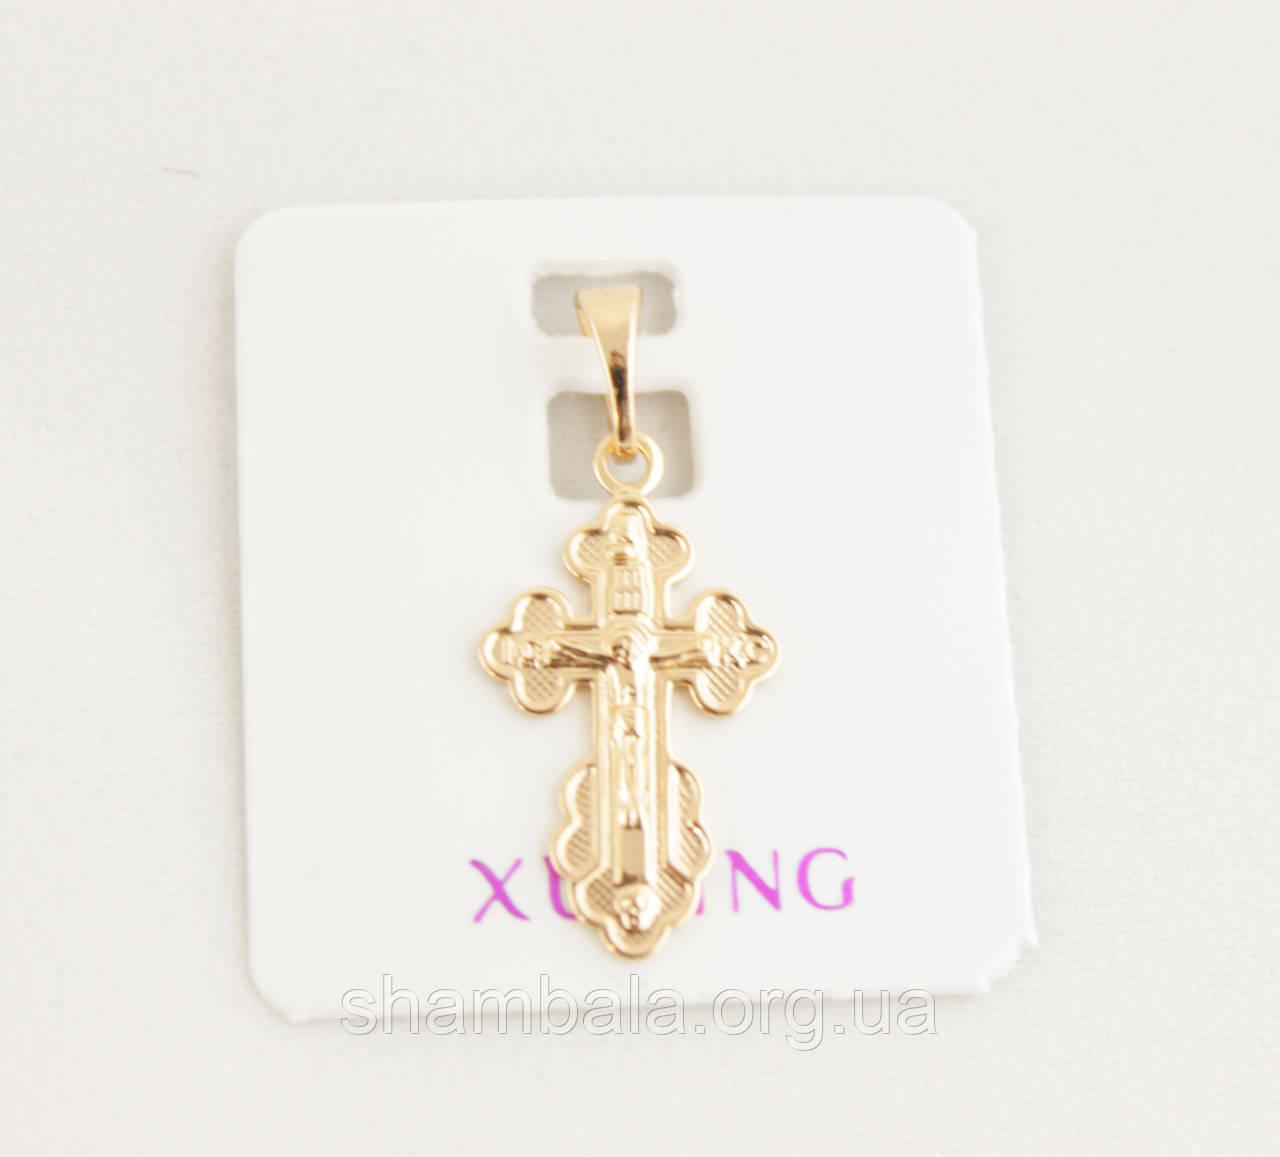 Кулон для подвески Xuping Jewelry крестик (082189)